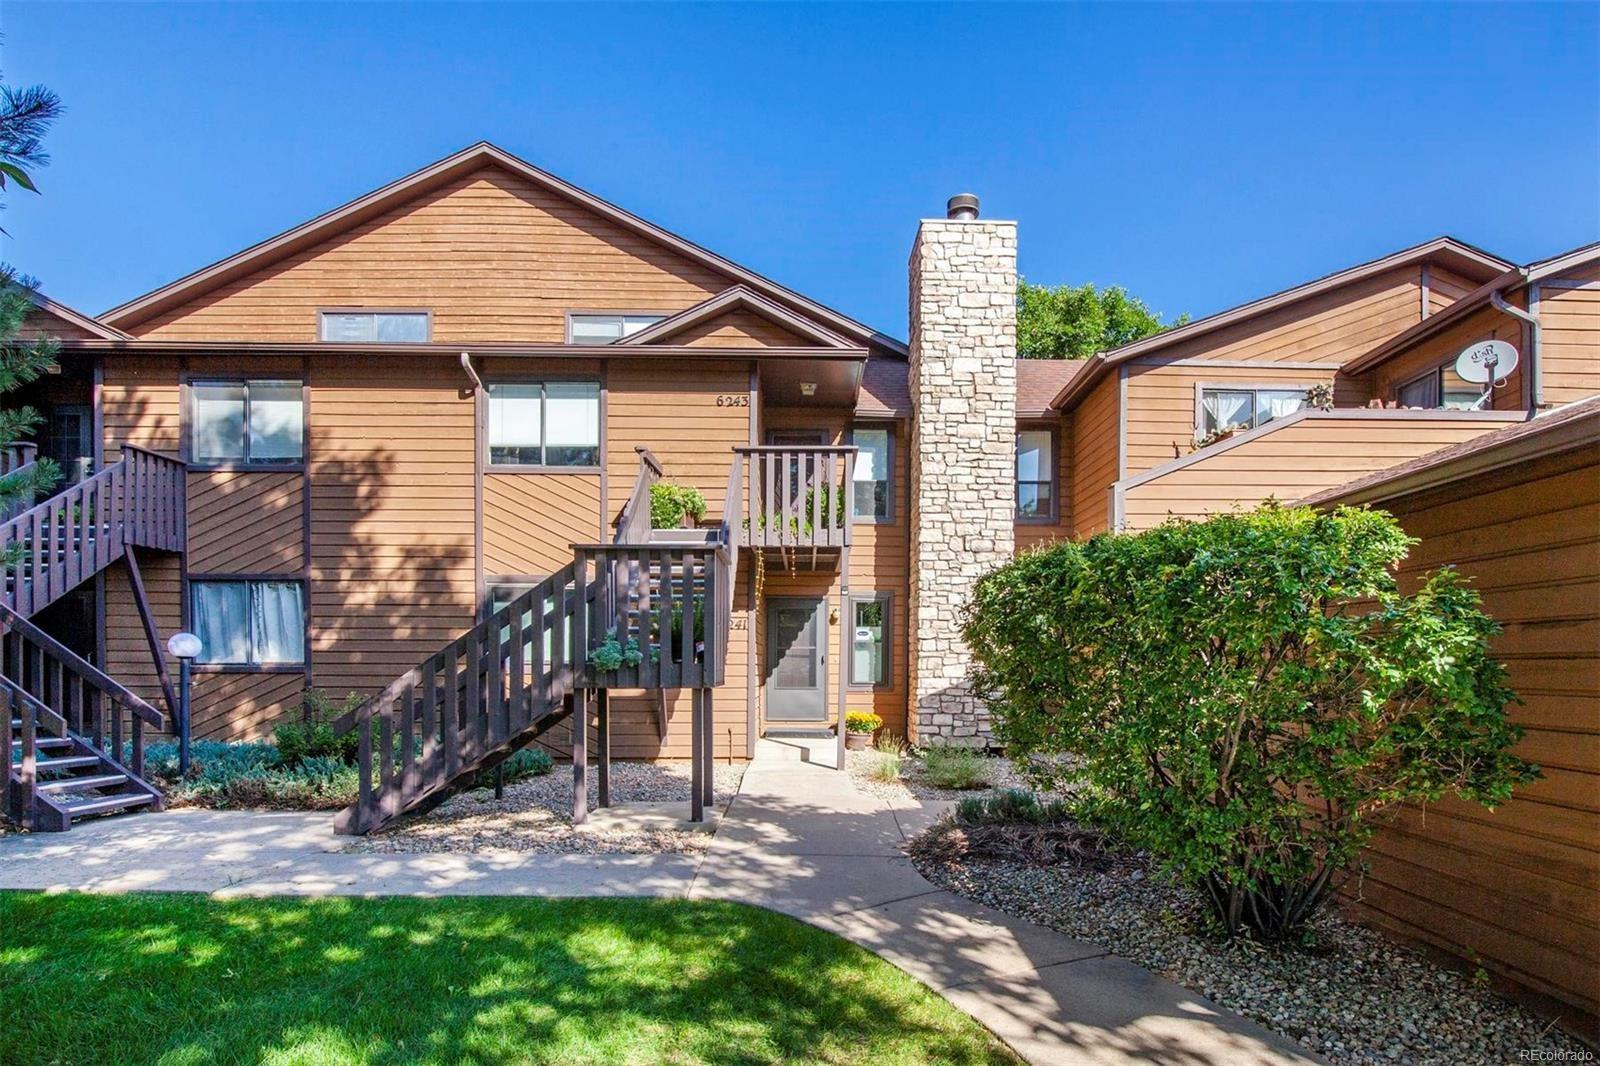 MLS# 8059473 - 3 - 6241 Willow Lane, Boulder, CO 80301